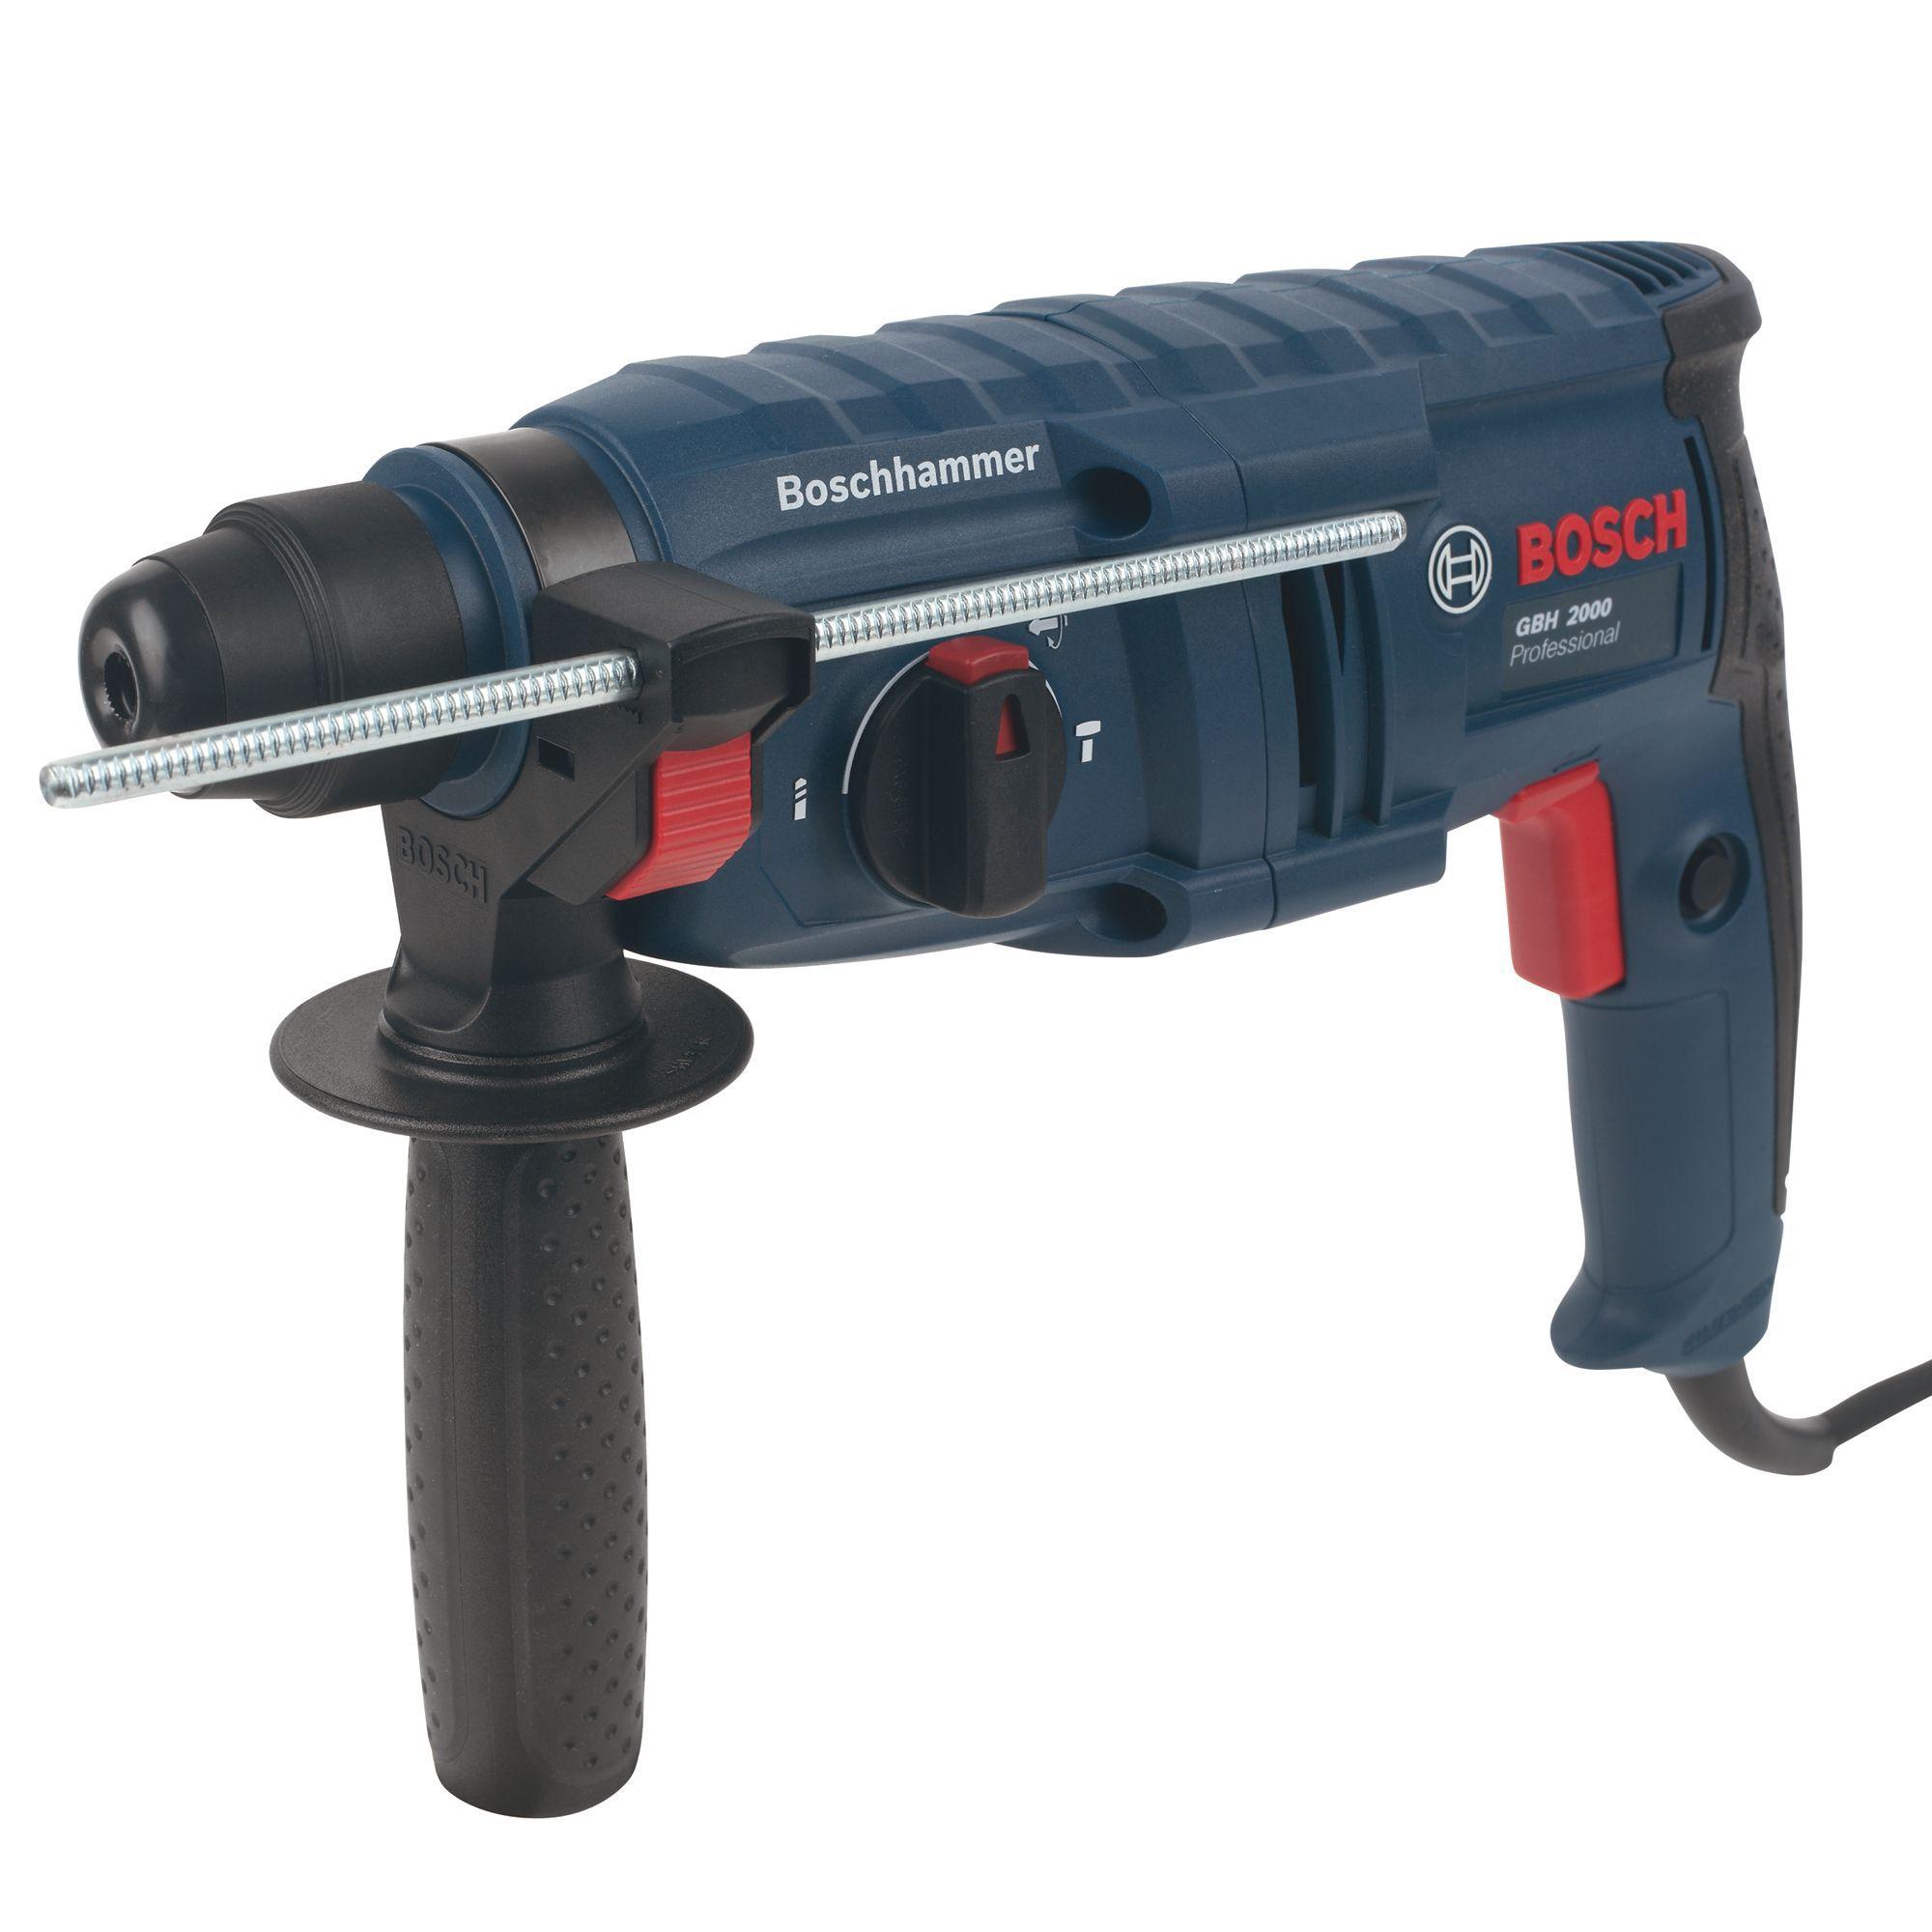 bosch 620w 240v corded sds plus brushed hammer drill. Black Bedroom Furniture Sets. Home Design Ideas